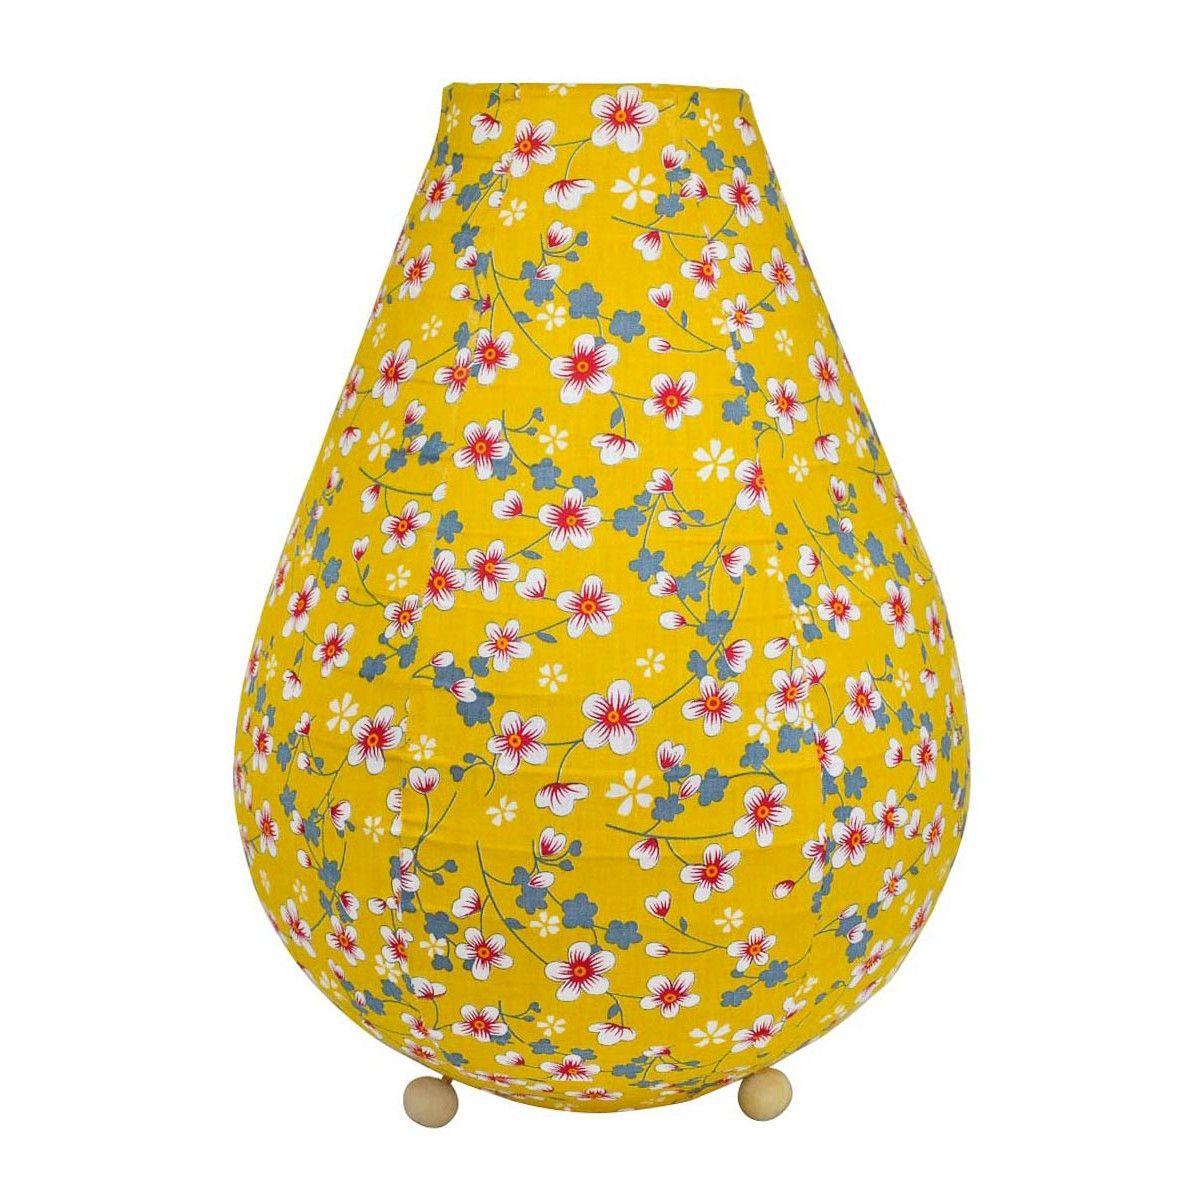 Lampe lampion de chevet tissu jaune moutarde avec fleurs cerisiers